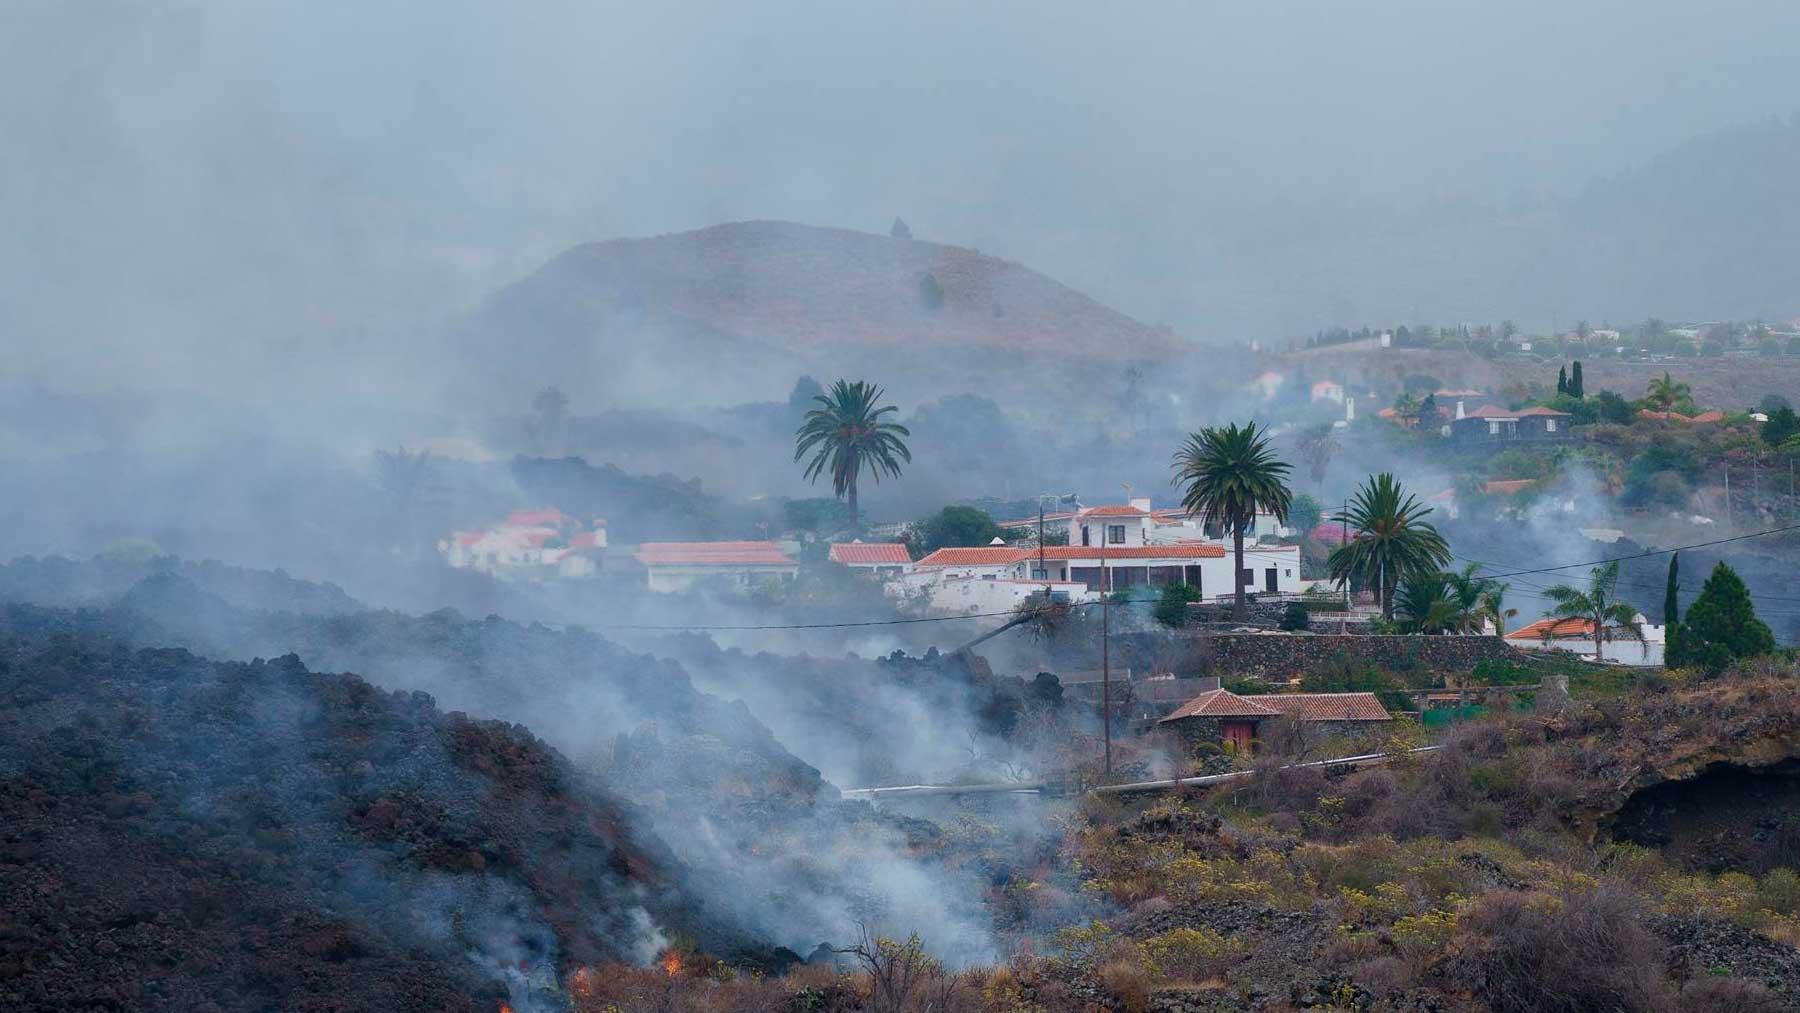 Una colada de lava se desplaza por el barrio de Todoque, en el municipio de Los Llanos de Ariadne. Foto: EFE